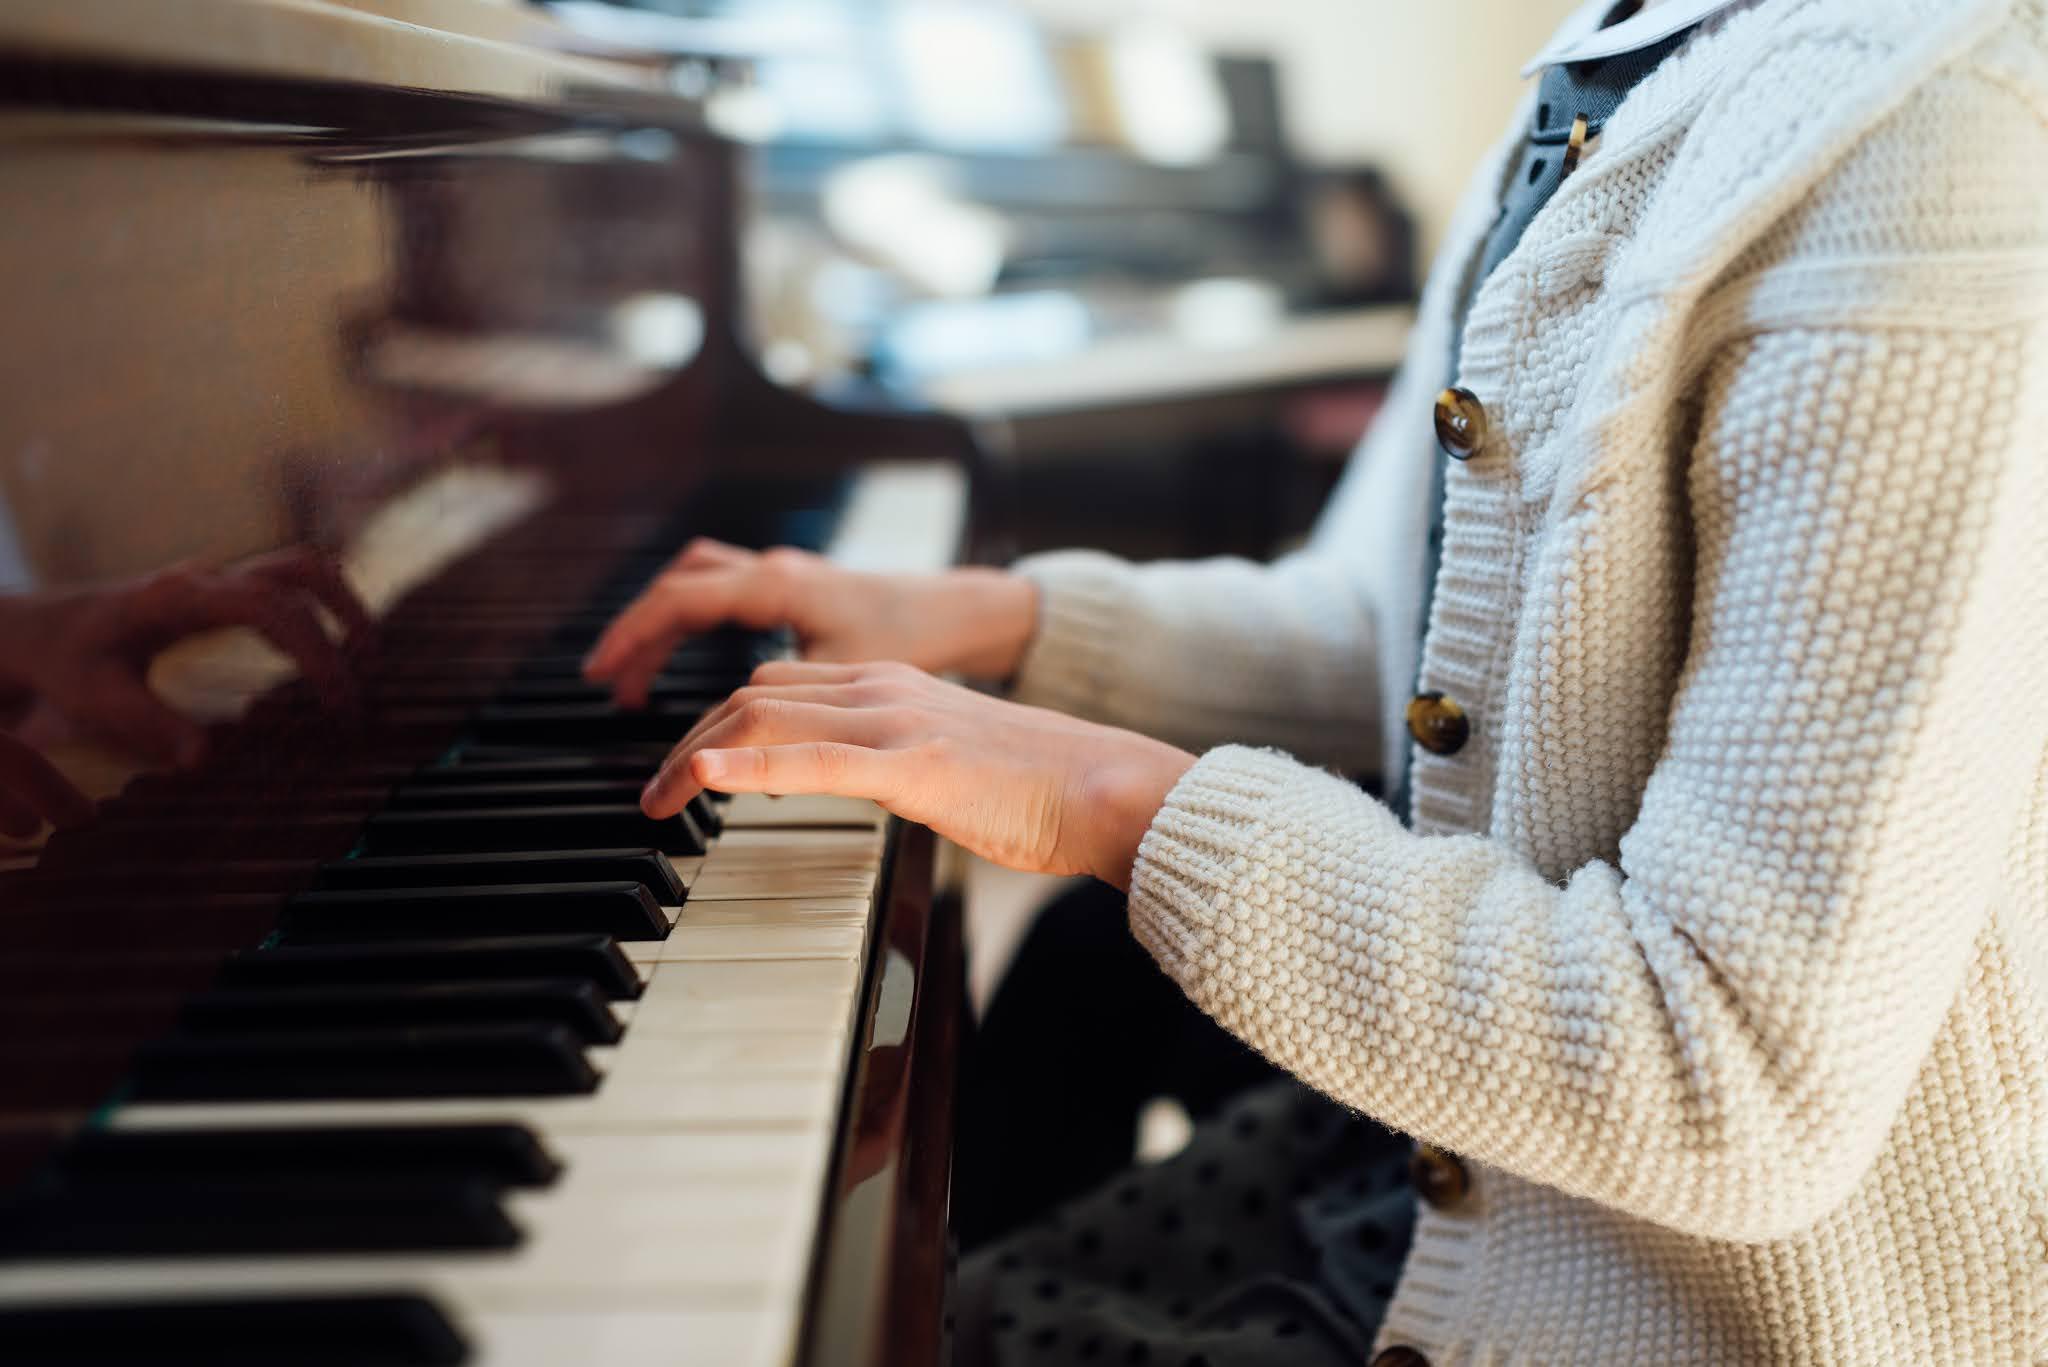 الموسيقى والعزف على البيانو يدعم اللياقة الذهنية عند الكبار